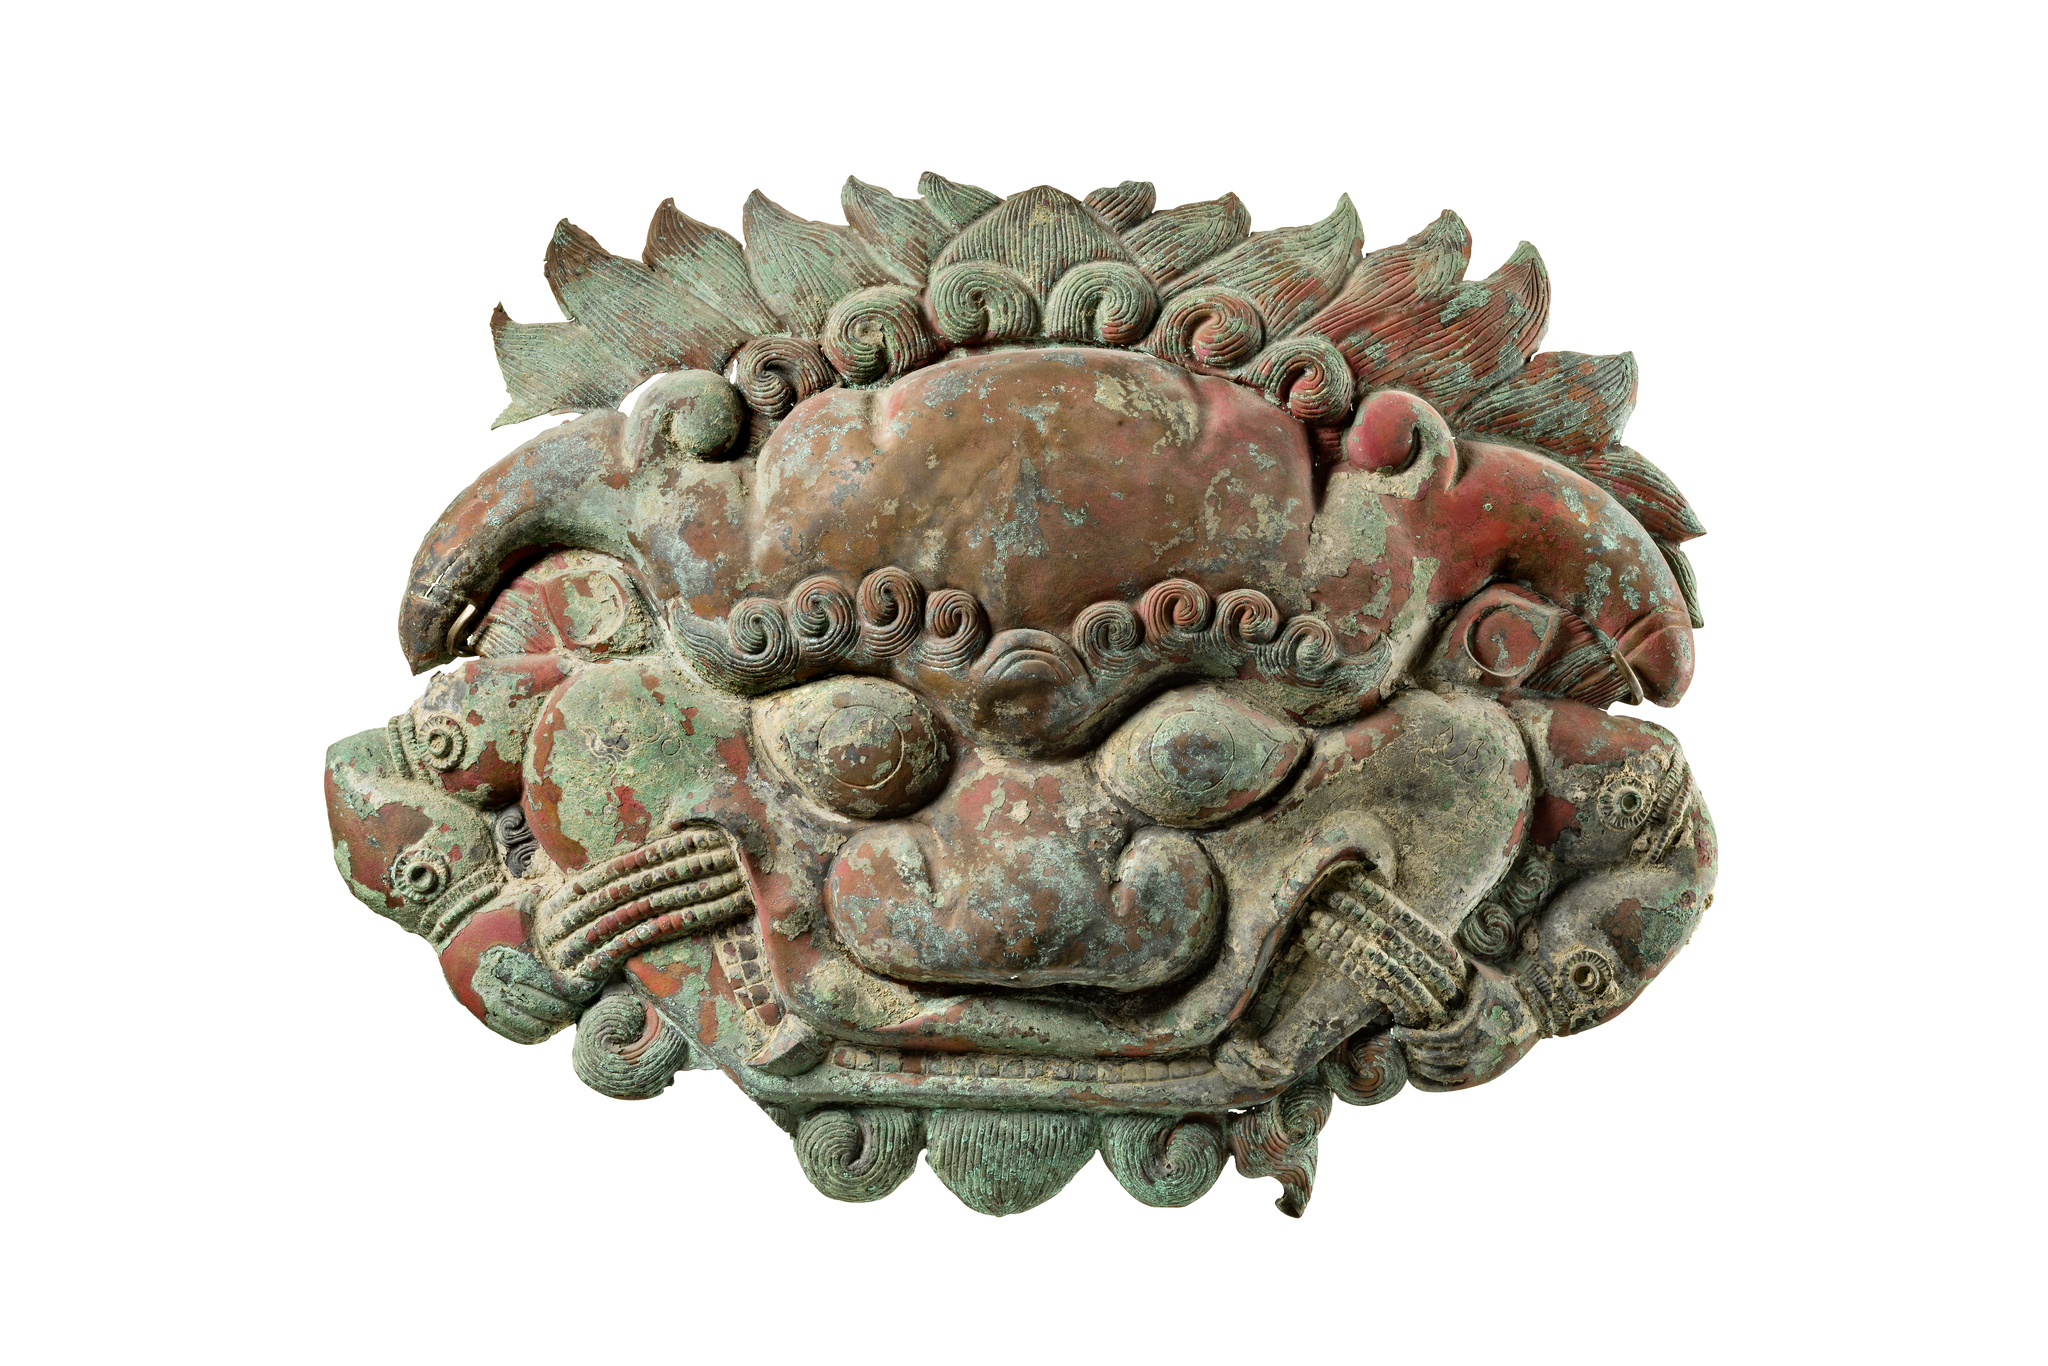 """Maske des Ungeheuers """"Zeebad"""", 18. Jahrhundert oder früher"""